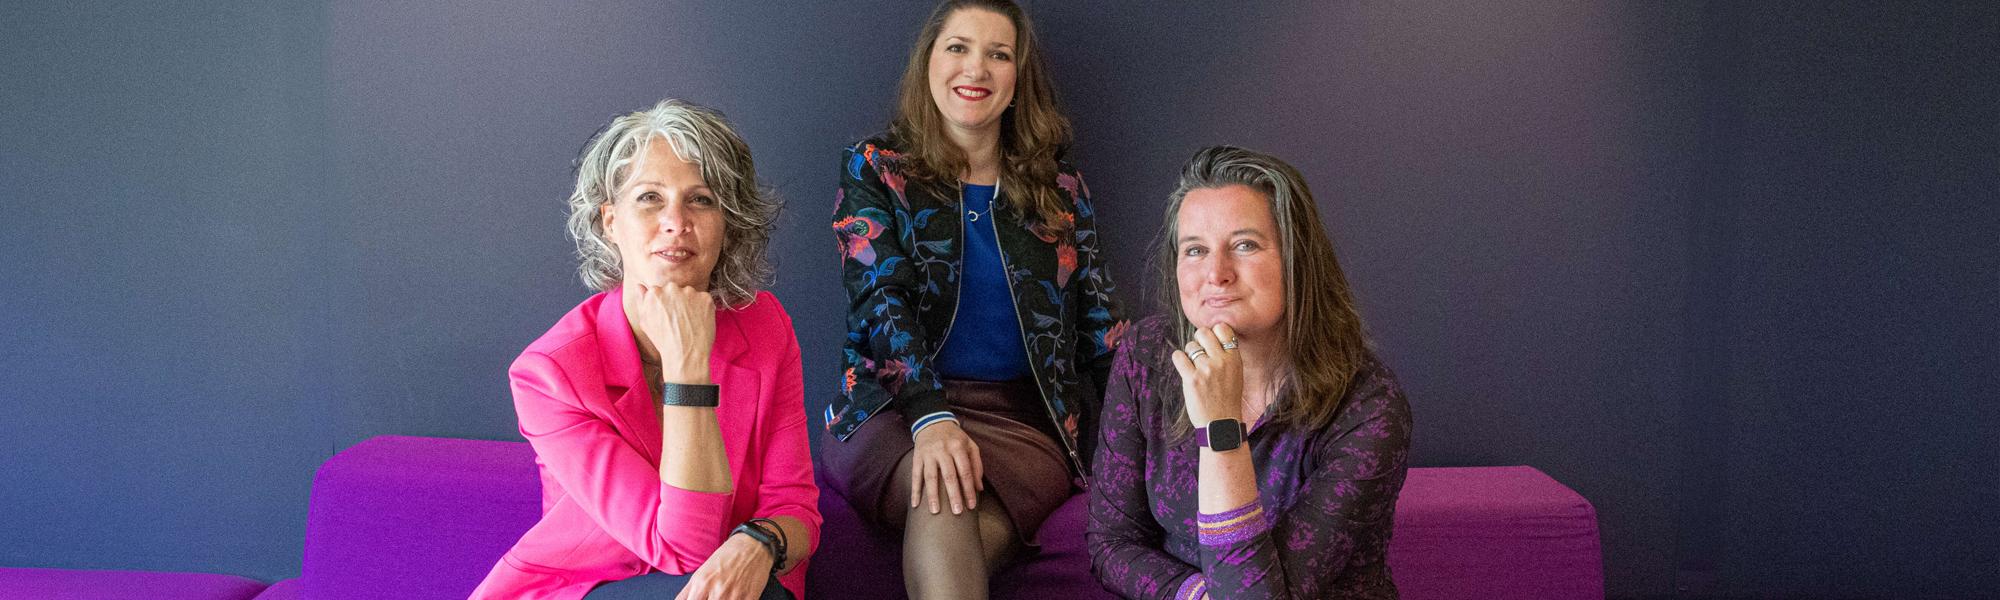 Trudy, Lisette en Bianca van Be Remarkable helpen jouw graag met je branding